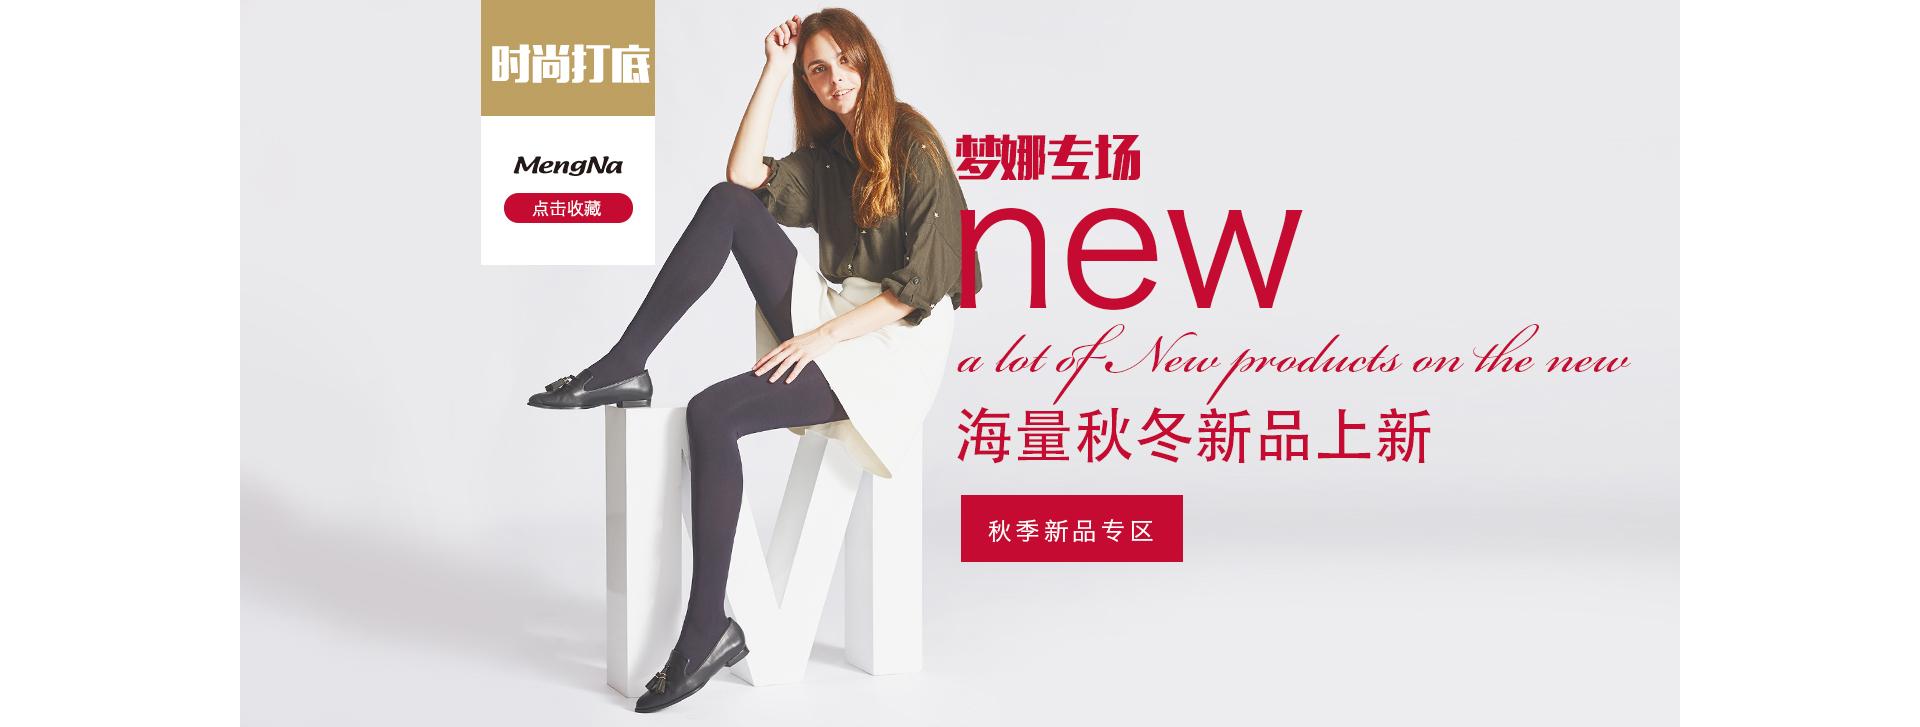 欧美丝袜色�_简约欧美时尚风格简洁丝袜袜子短袜海报简约欧美时尚二级页面海报